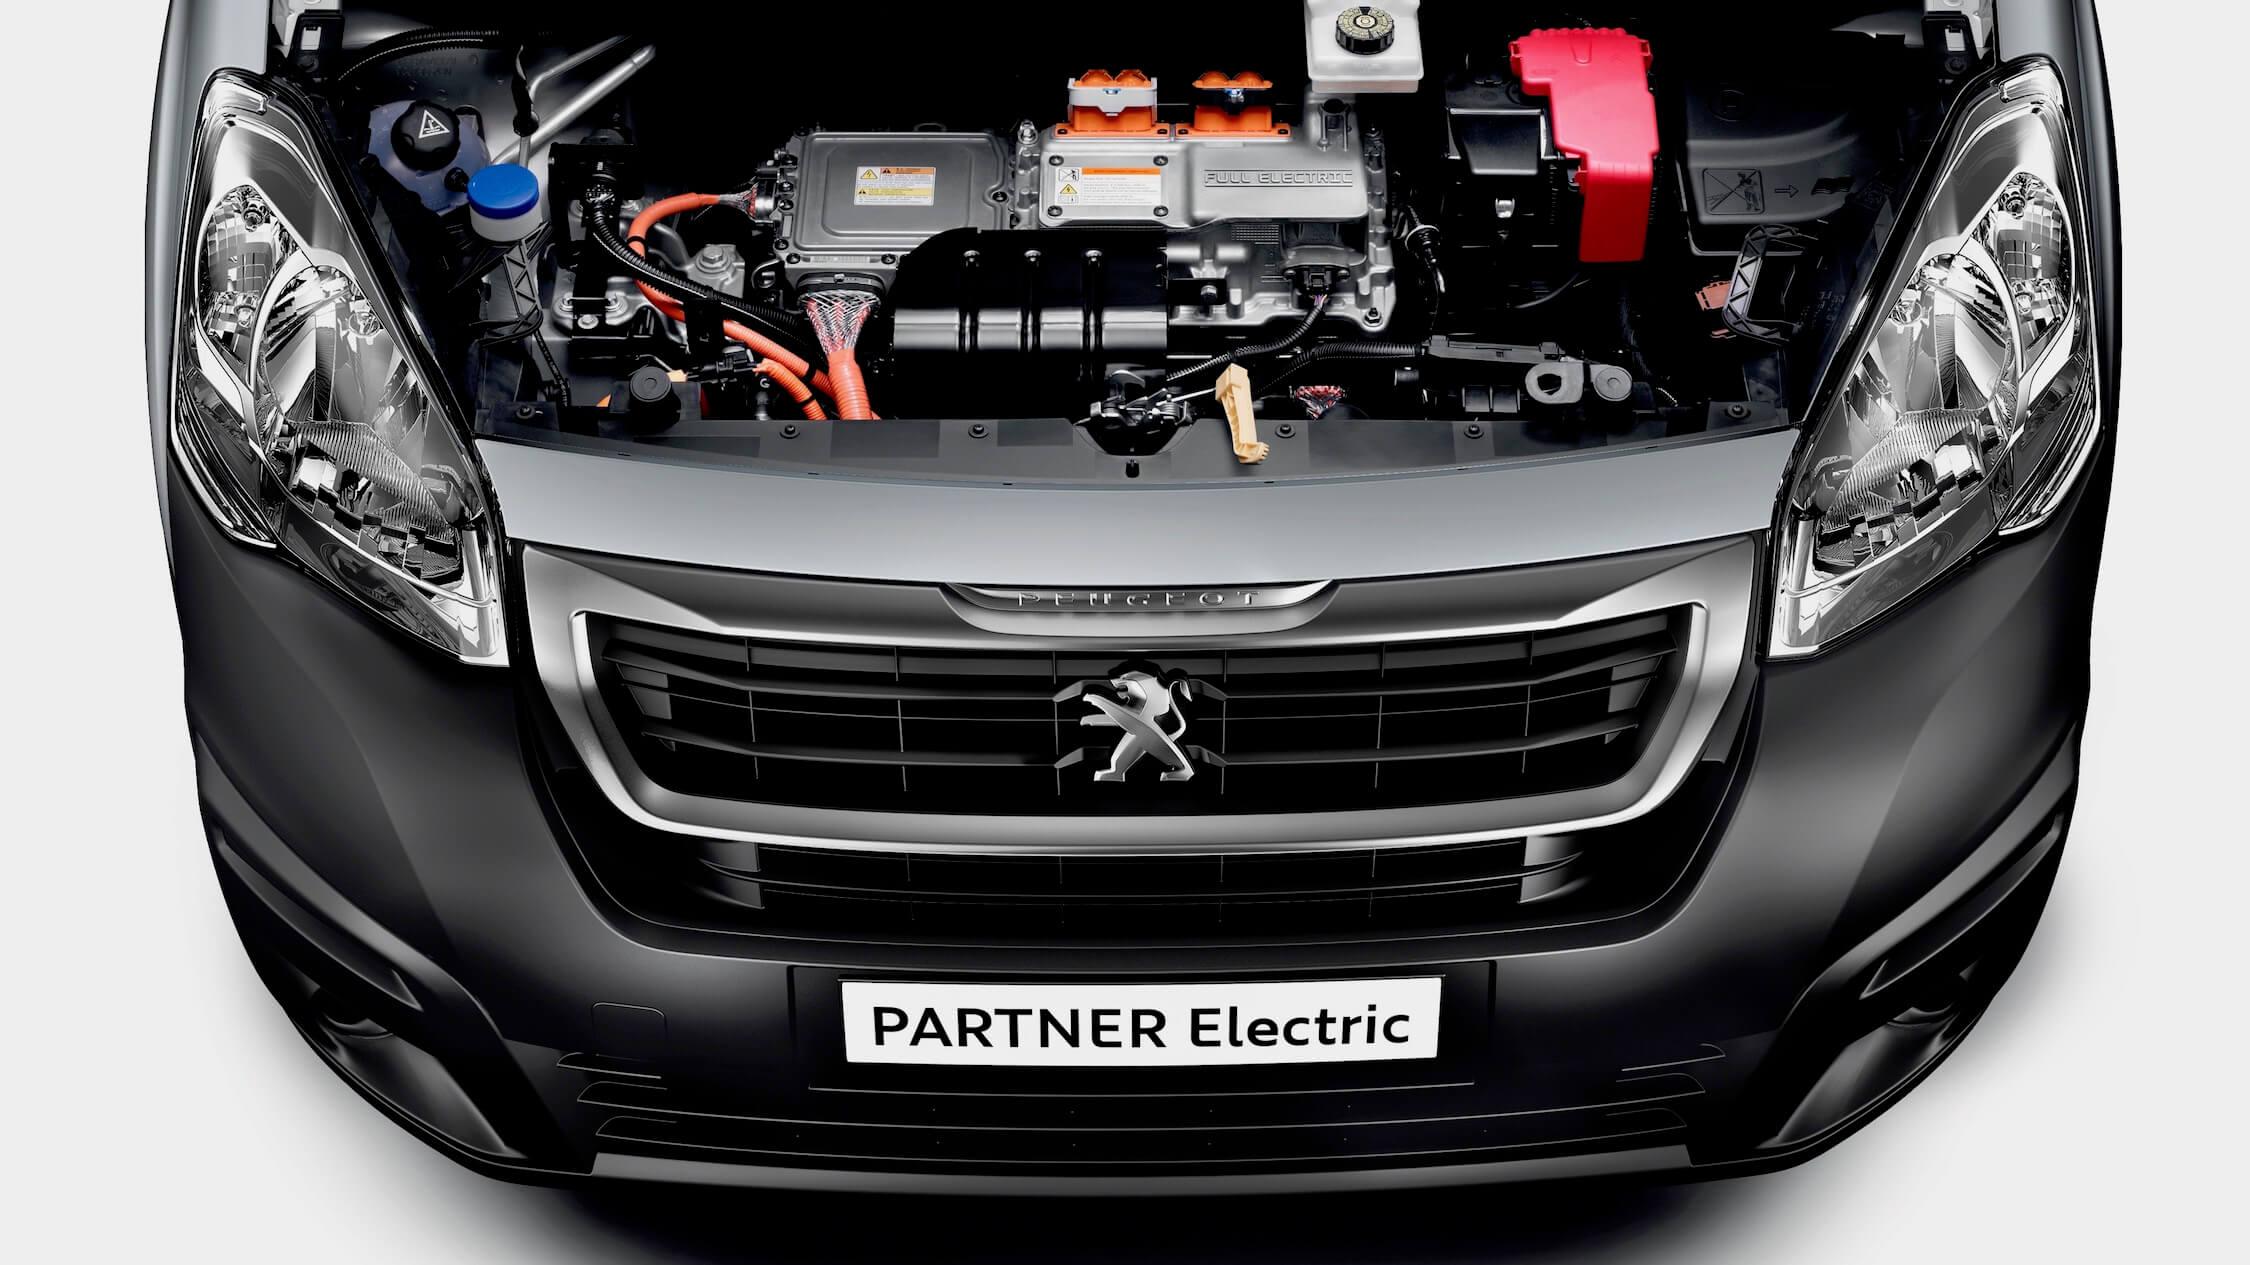 elektrische Peugeot Partner motor